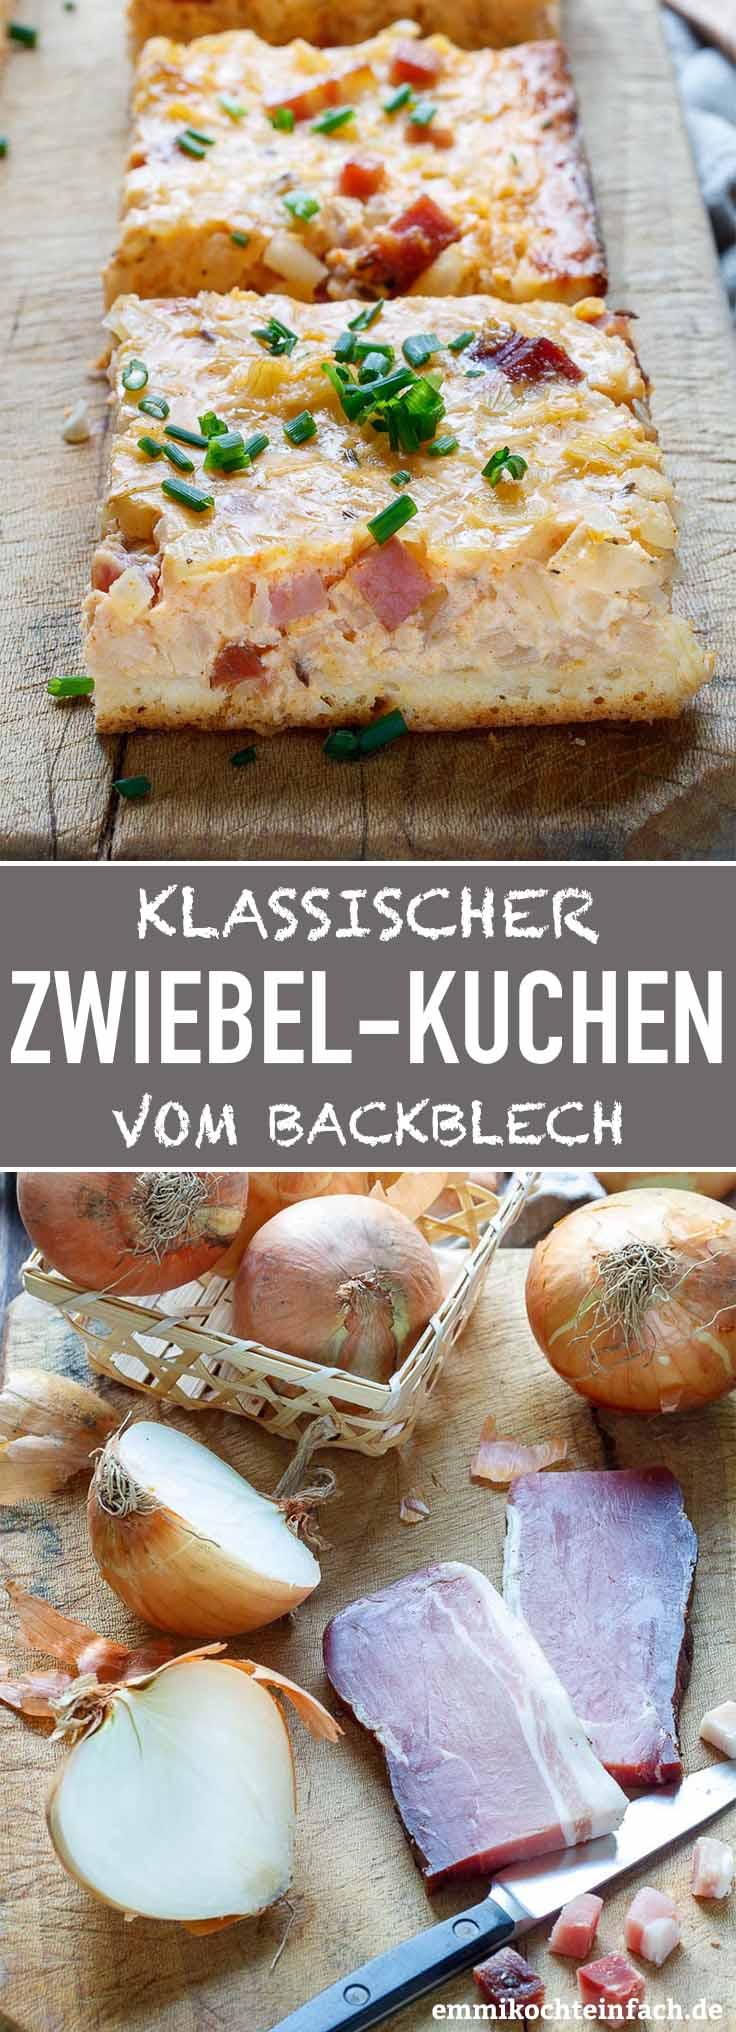 Klassischer Zwiebelkuchen vom Blech - www.emmikochteinfach.de